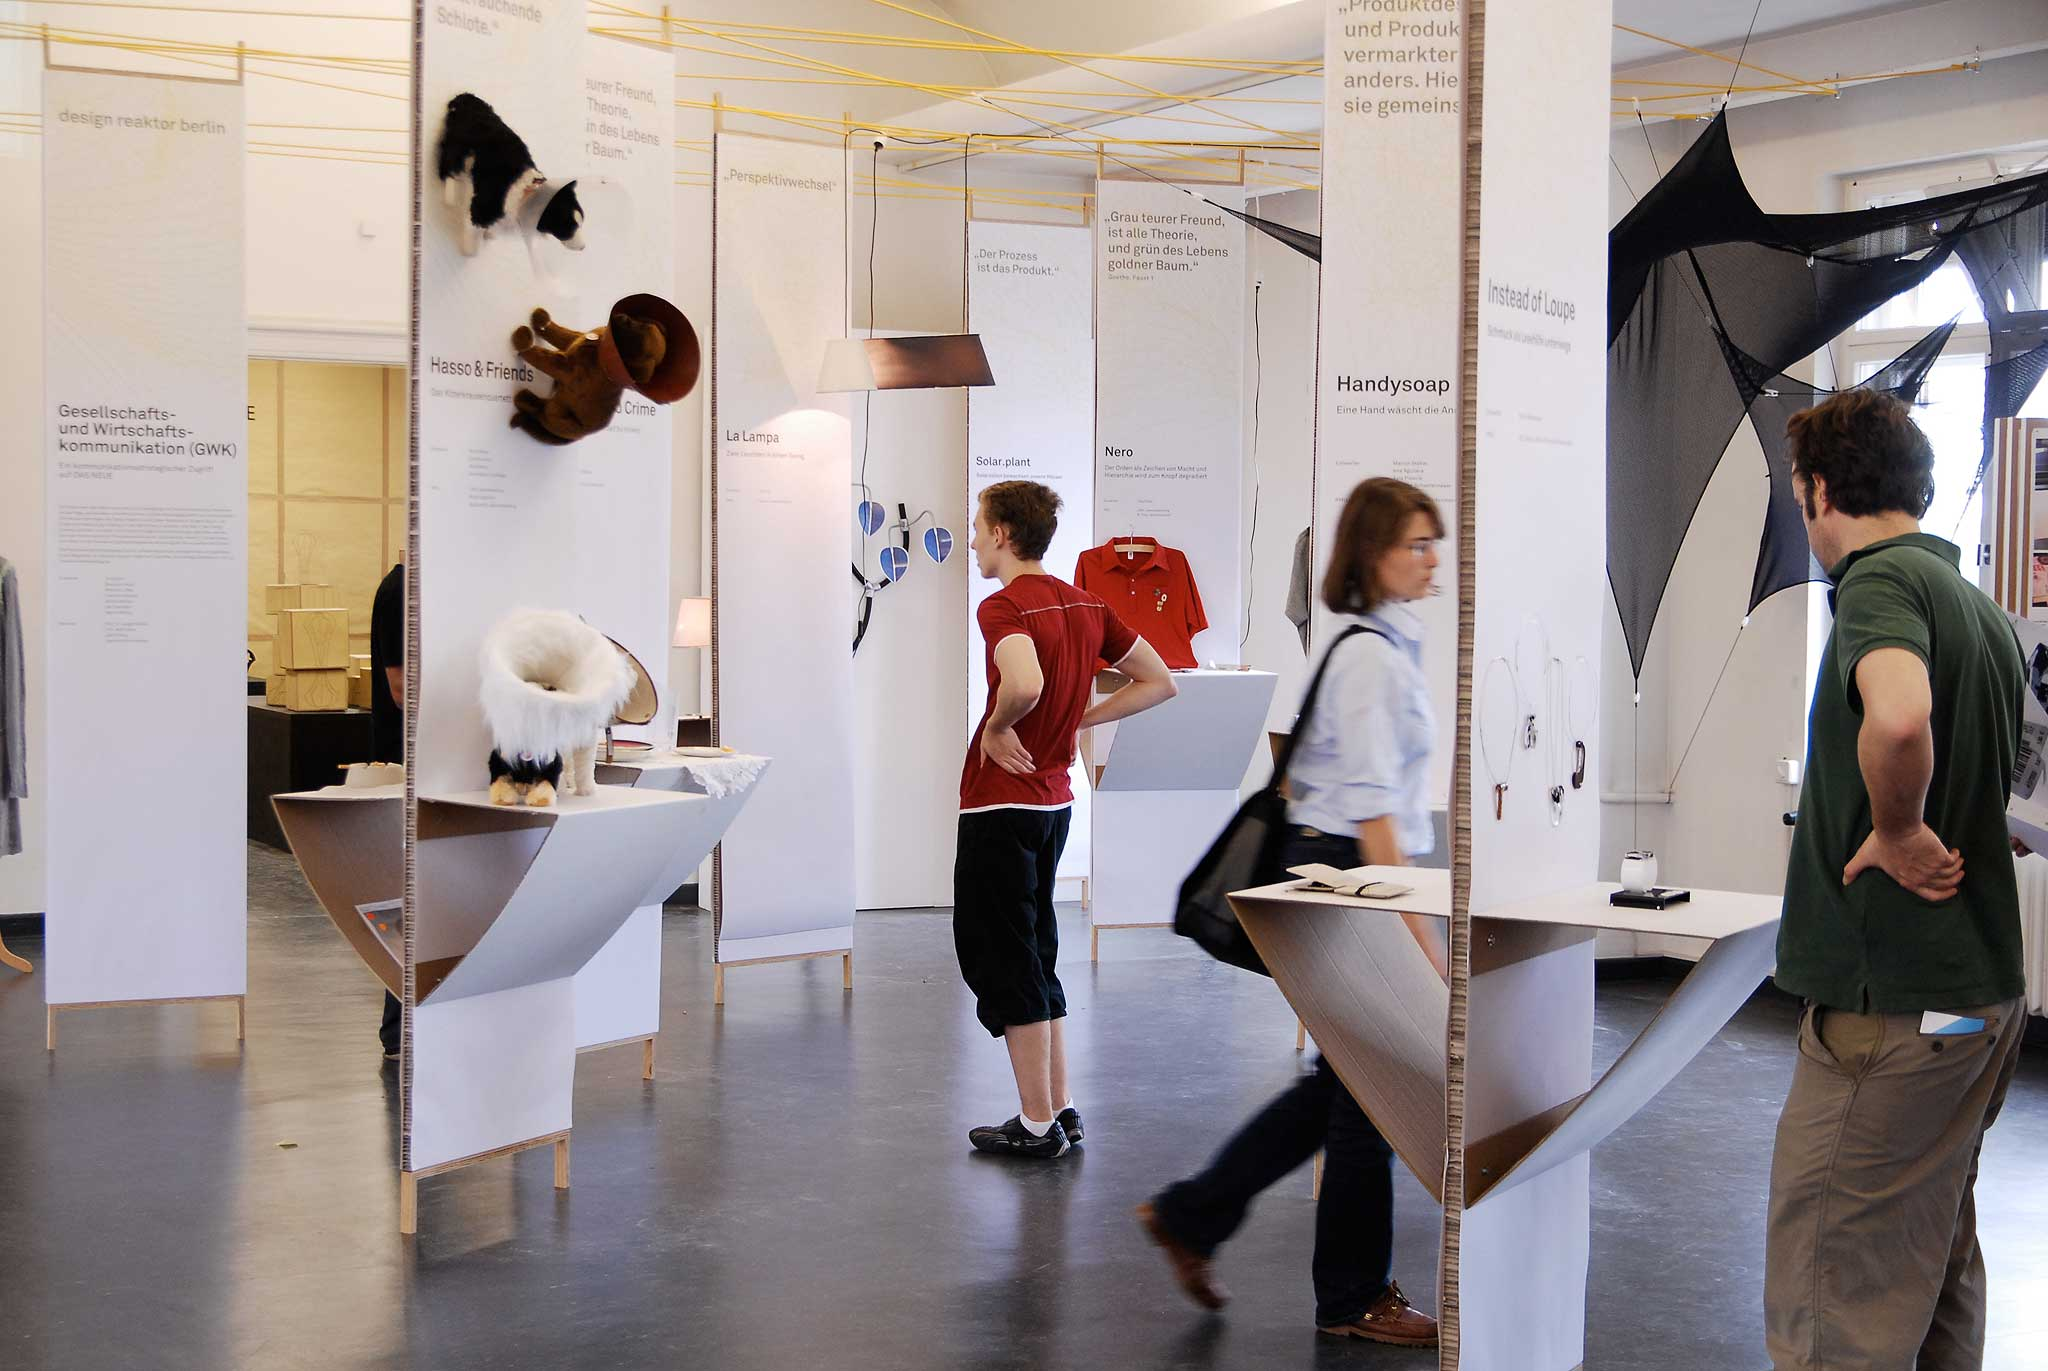 Design Reaktor Berlin, Jahresausstellung, Universität der Künste Berlin, 2007